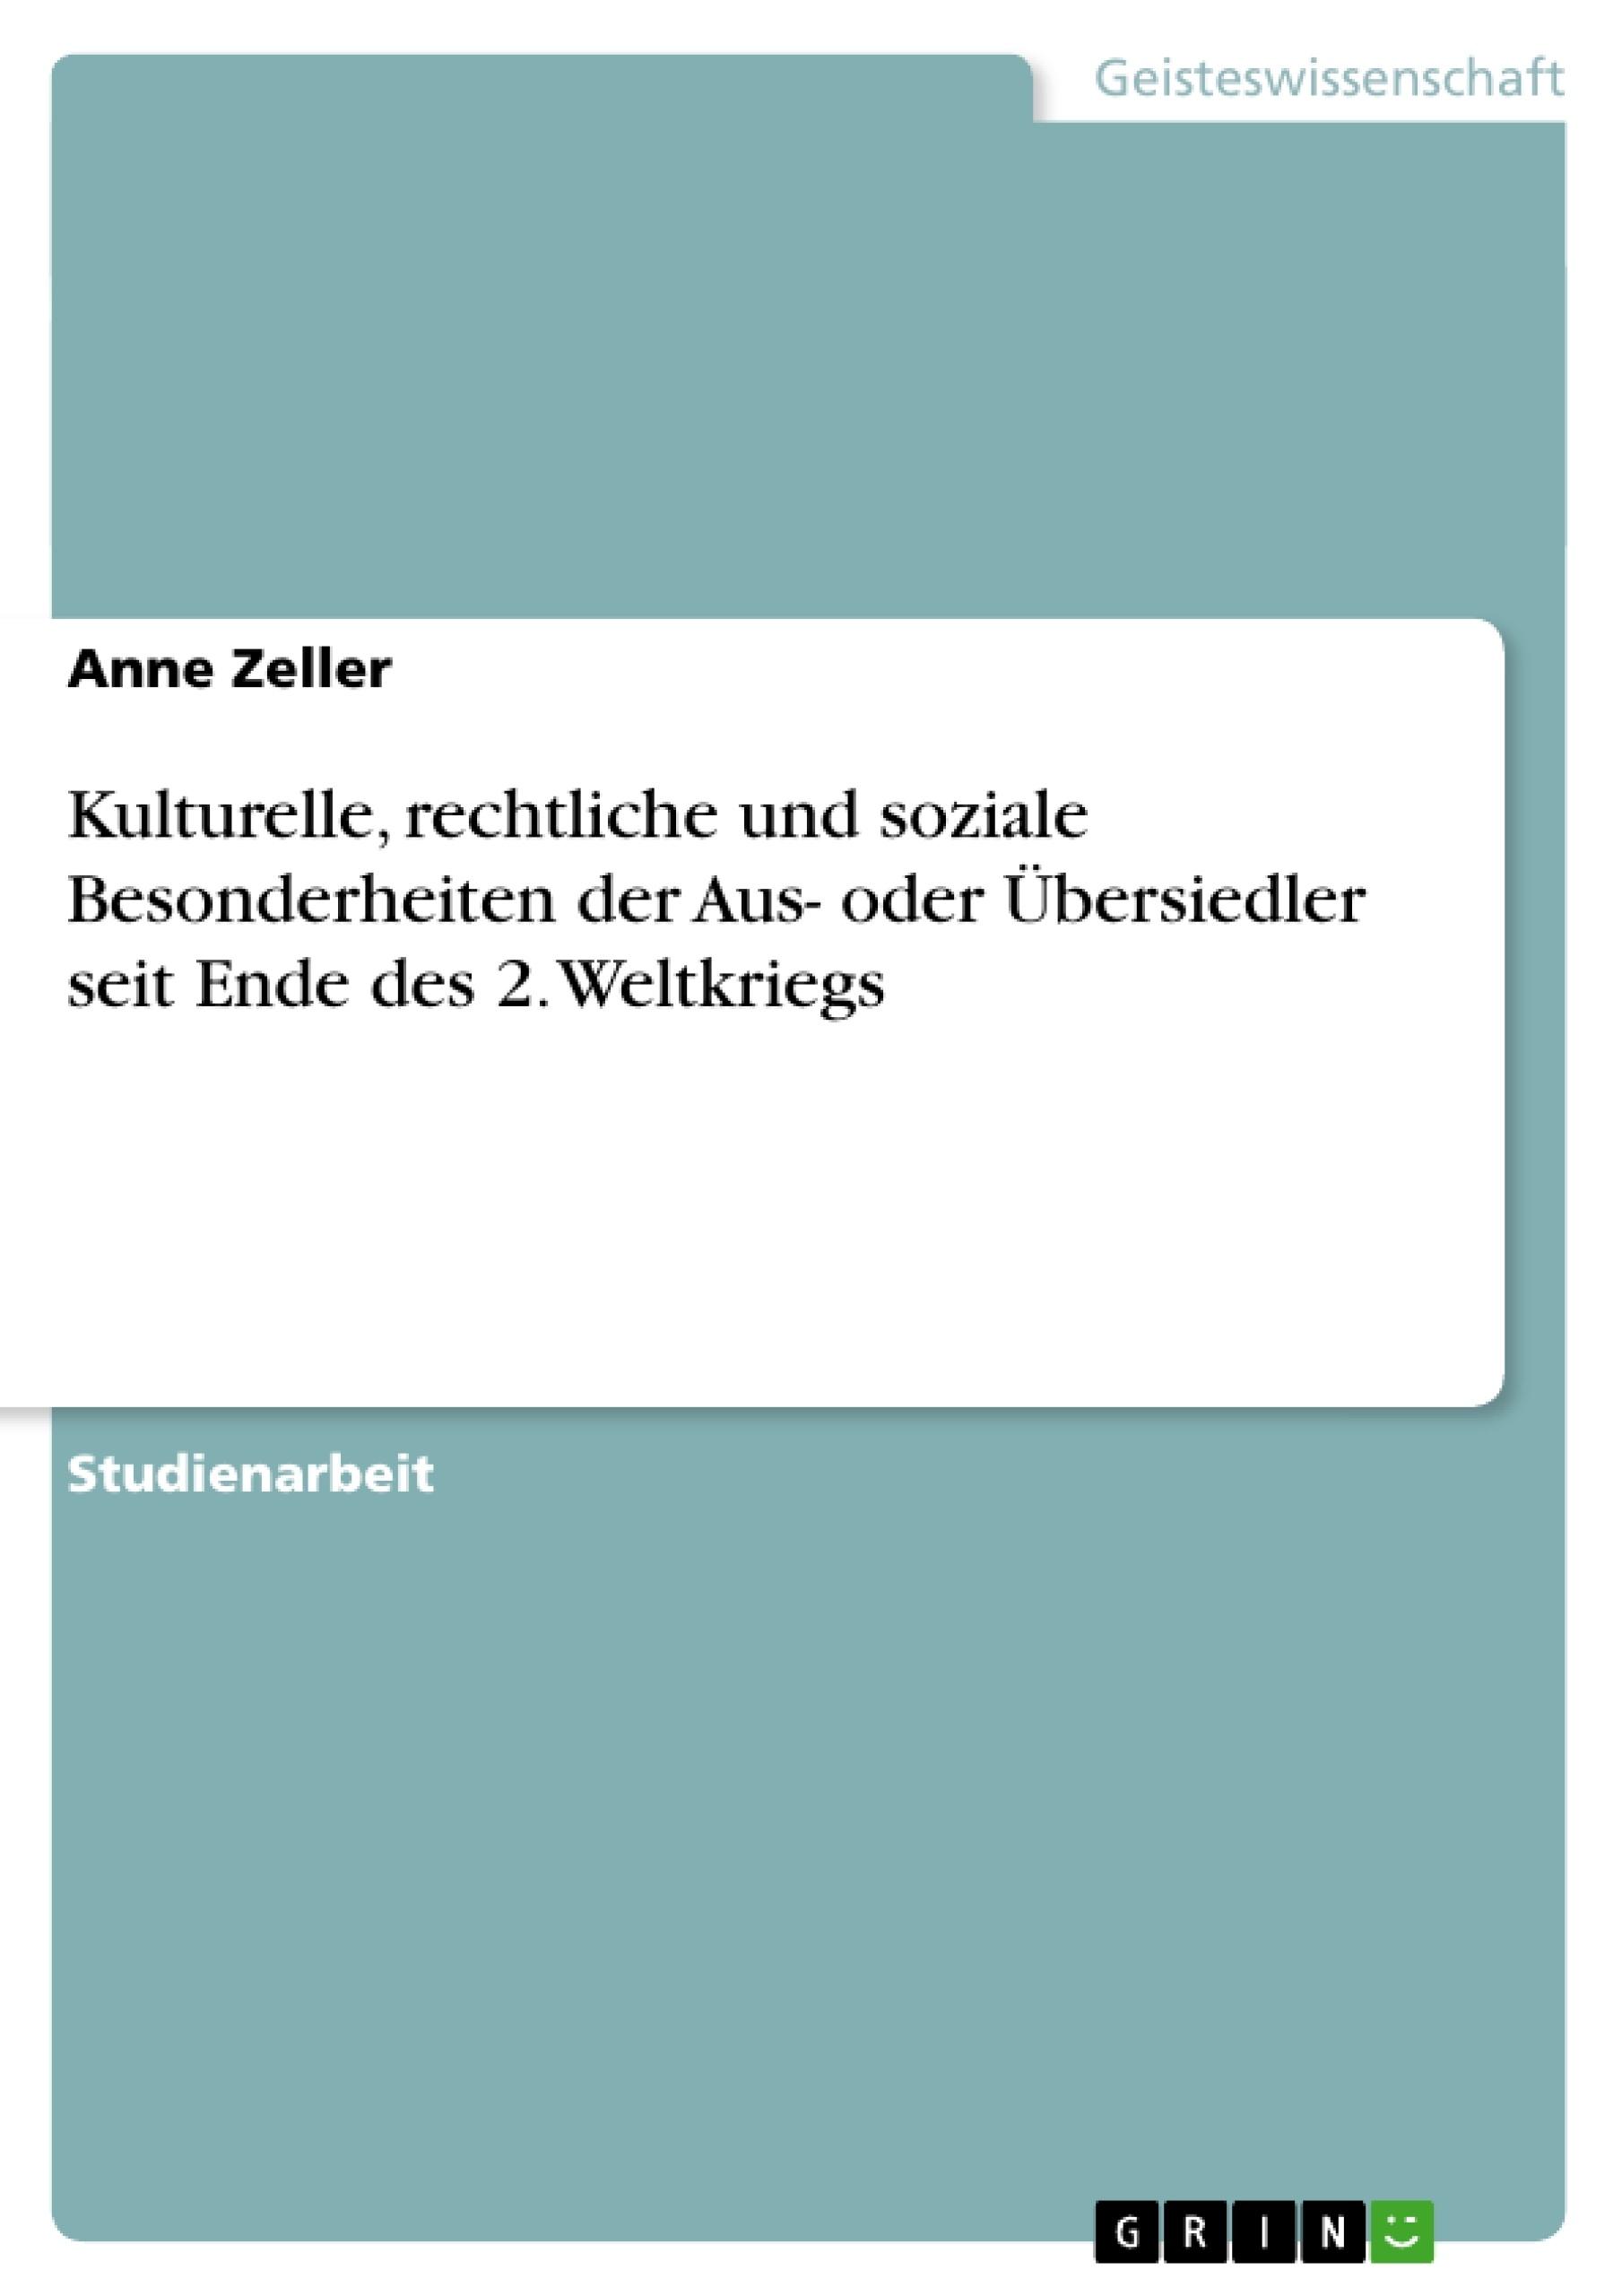 Titel: Kulturelle, rechtliche und soziale Besonderheiten der Aus- oder Übersiedler seit Ende des 2. Weltkriegs